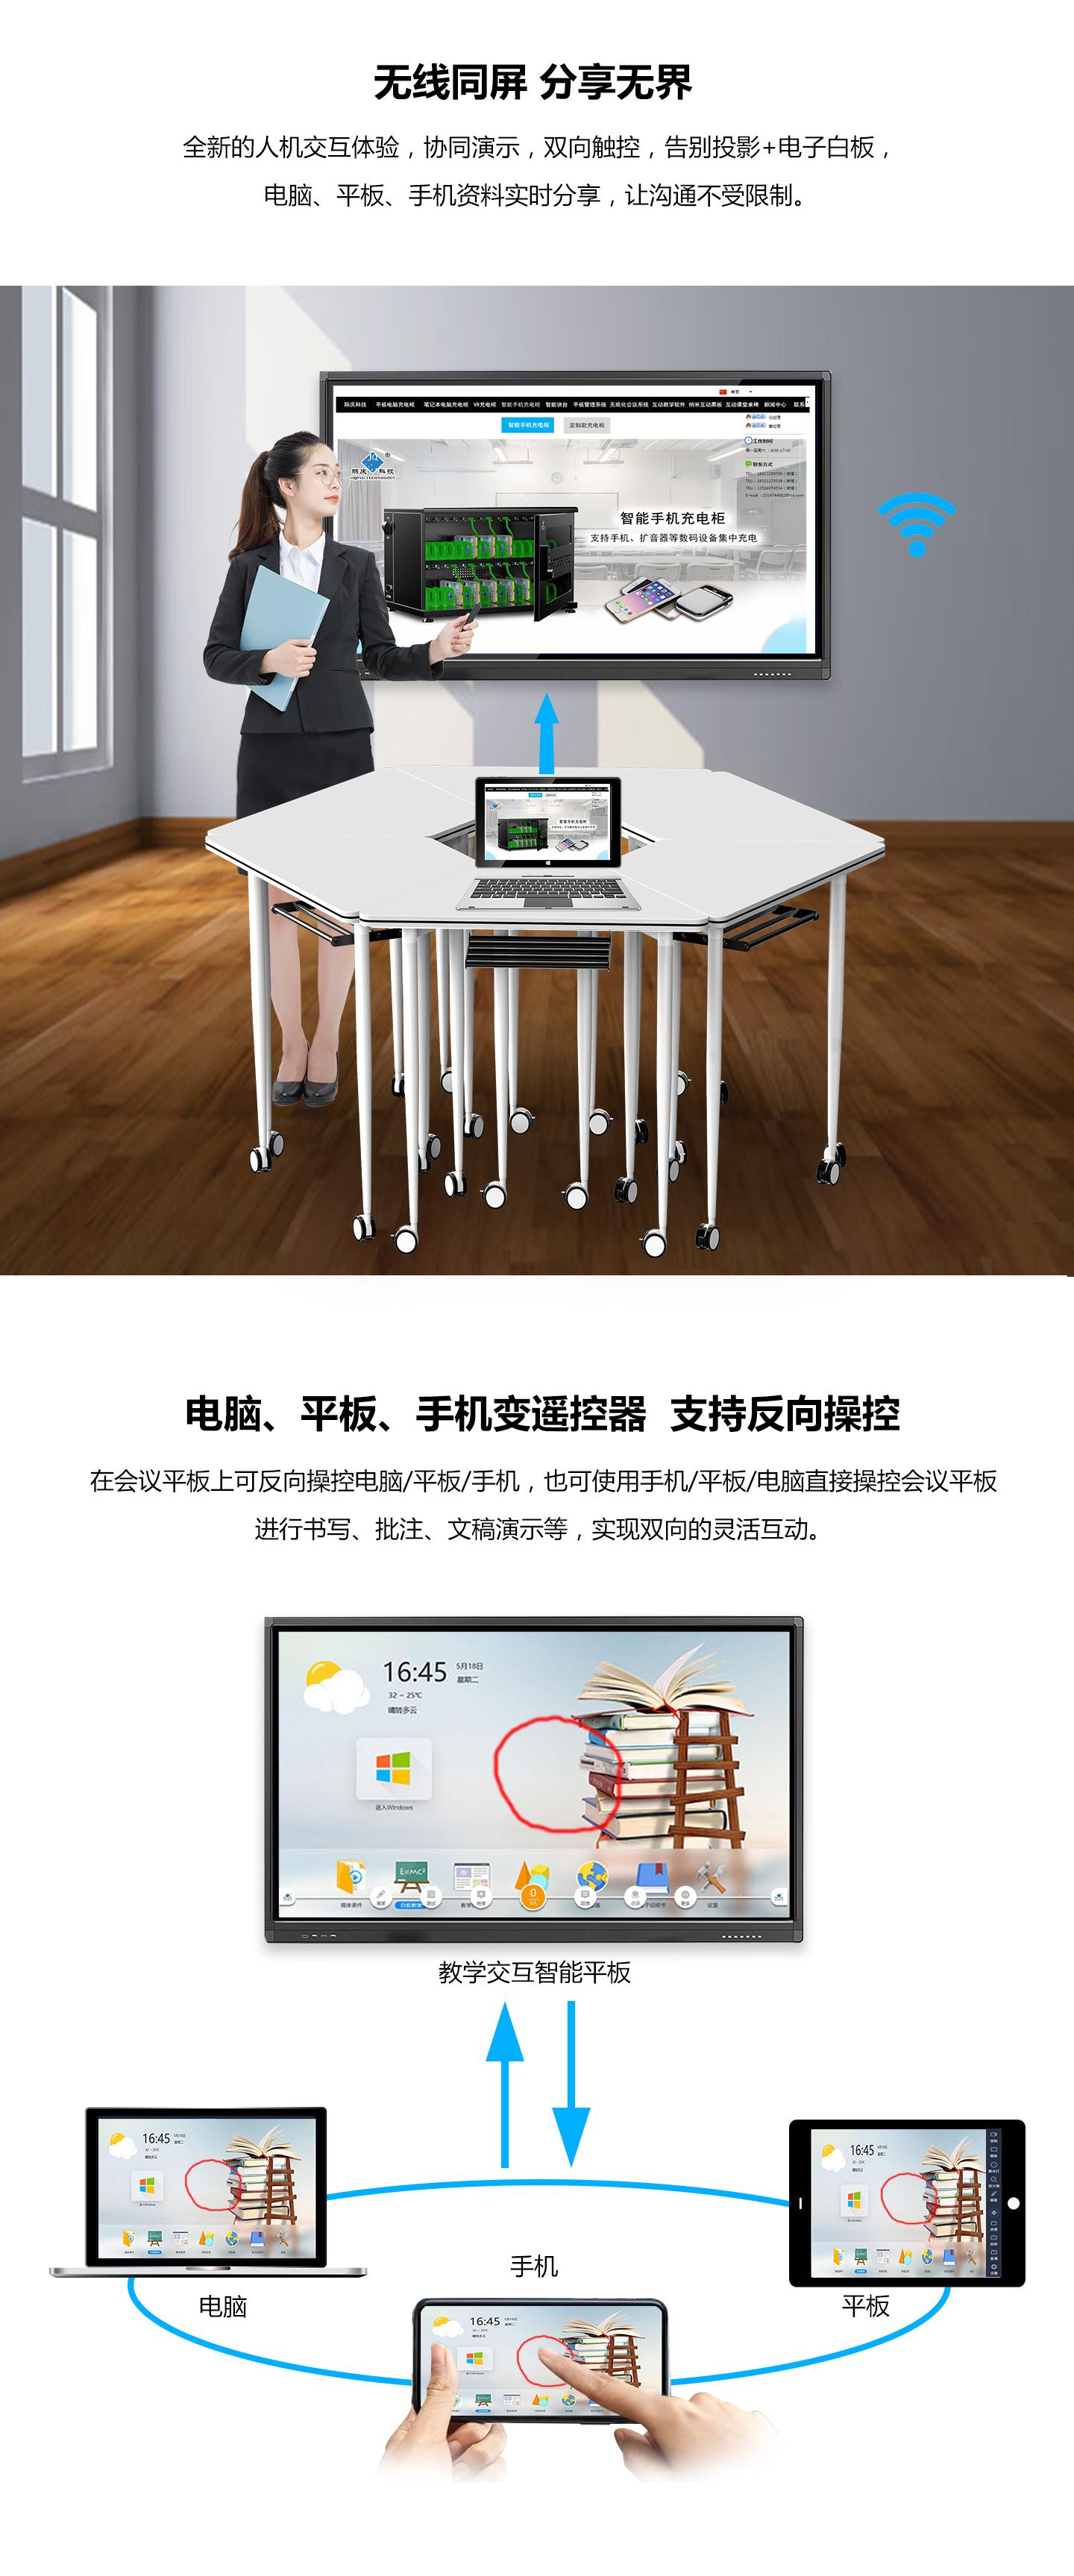 教學交互智能平板_05.jpg